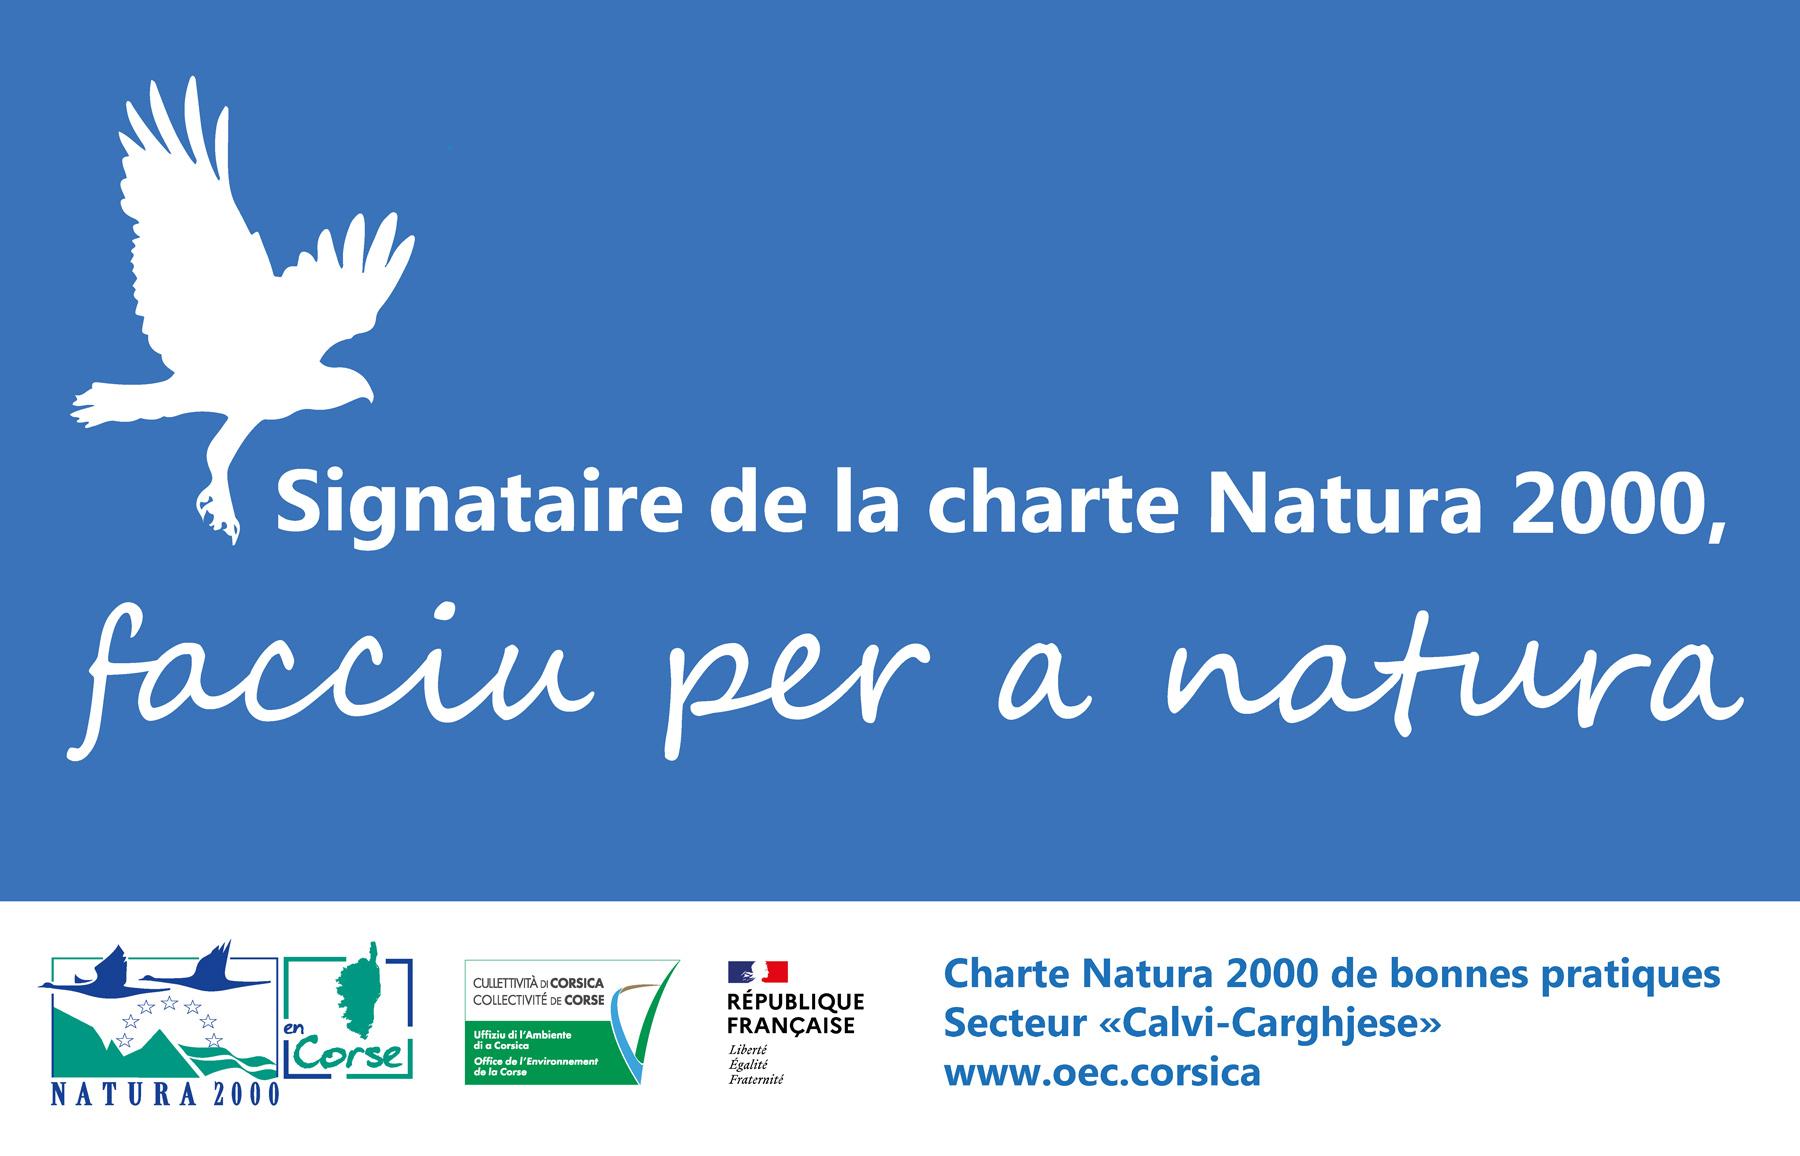 CHARTE NATURA 2000 DE BONNES PRATIQUES DU SECTEUR « CALVI - CARGHJESE »